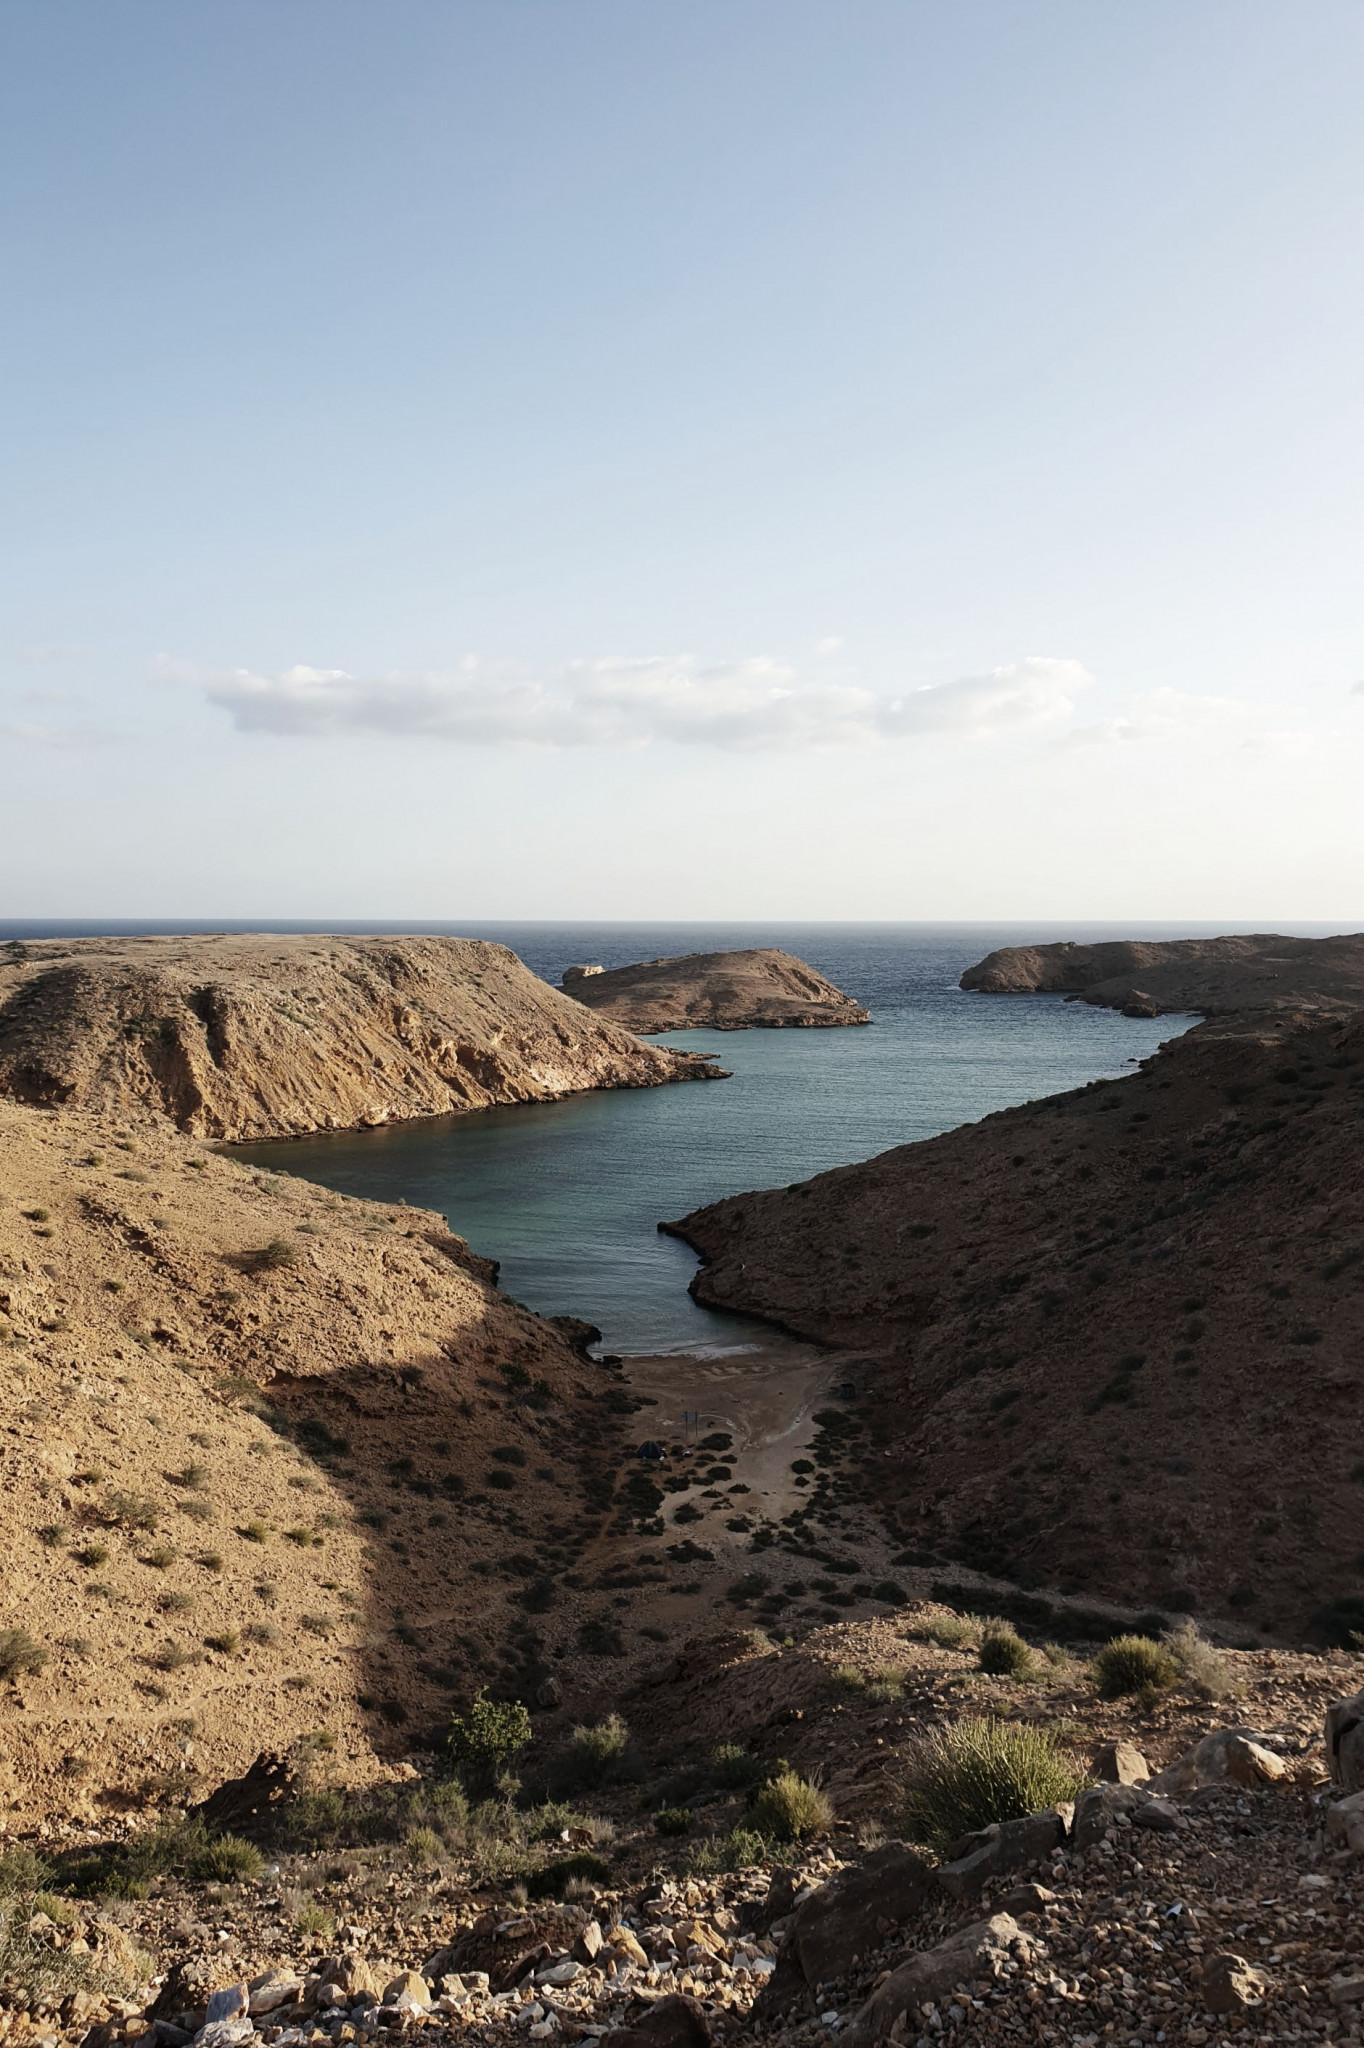 Carnet de voyage : Oman, trésor caché d'Orient - 5